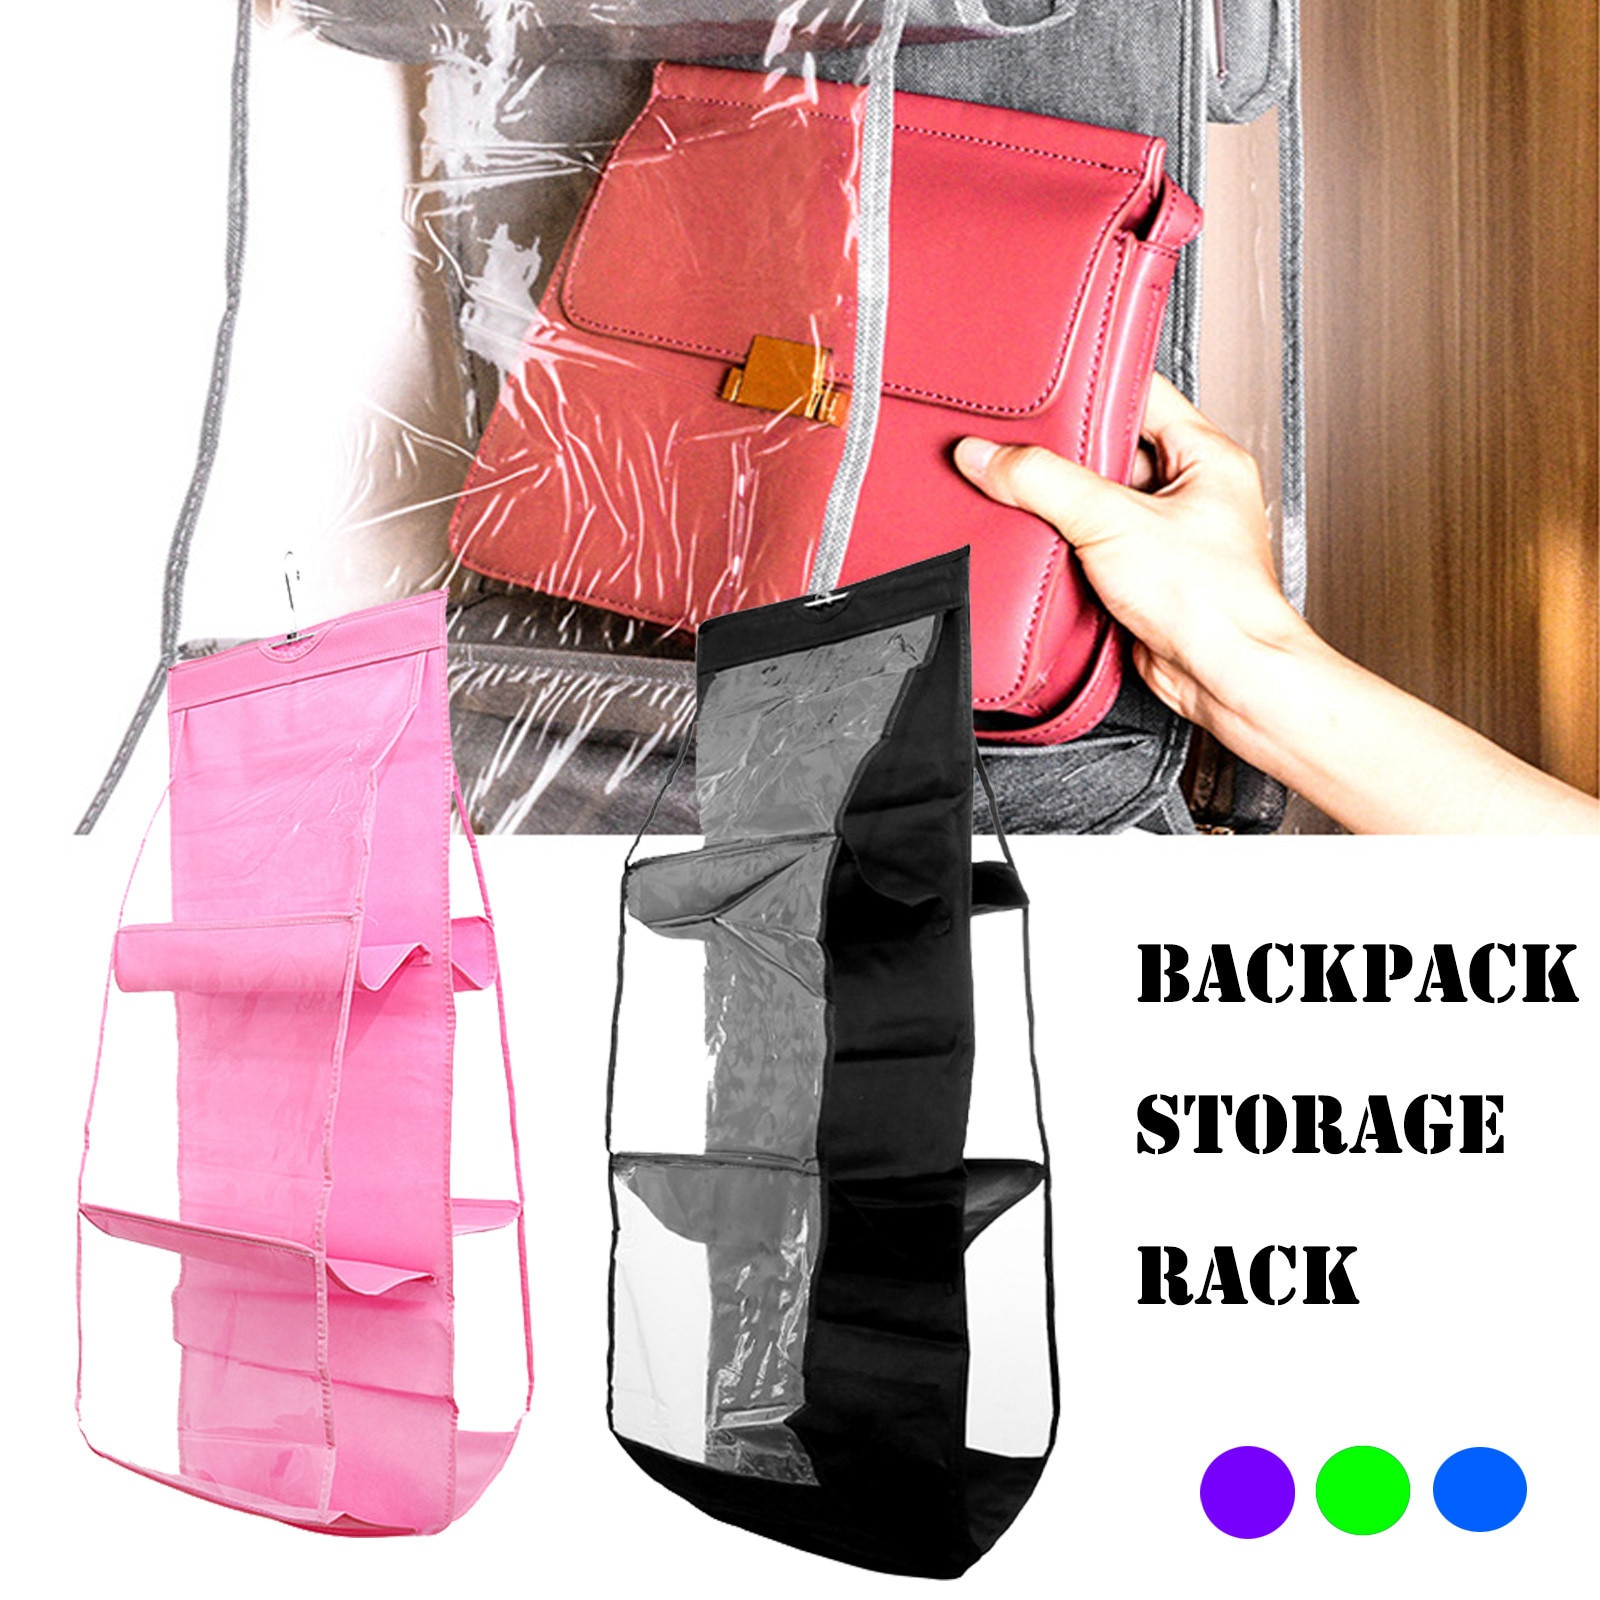 6 карманных подвешивающихся сумок органайзер для и кошельков шкаф хранения